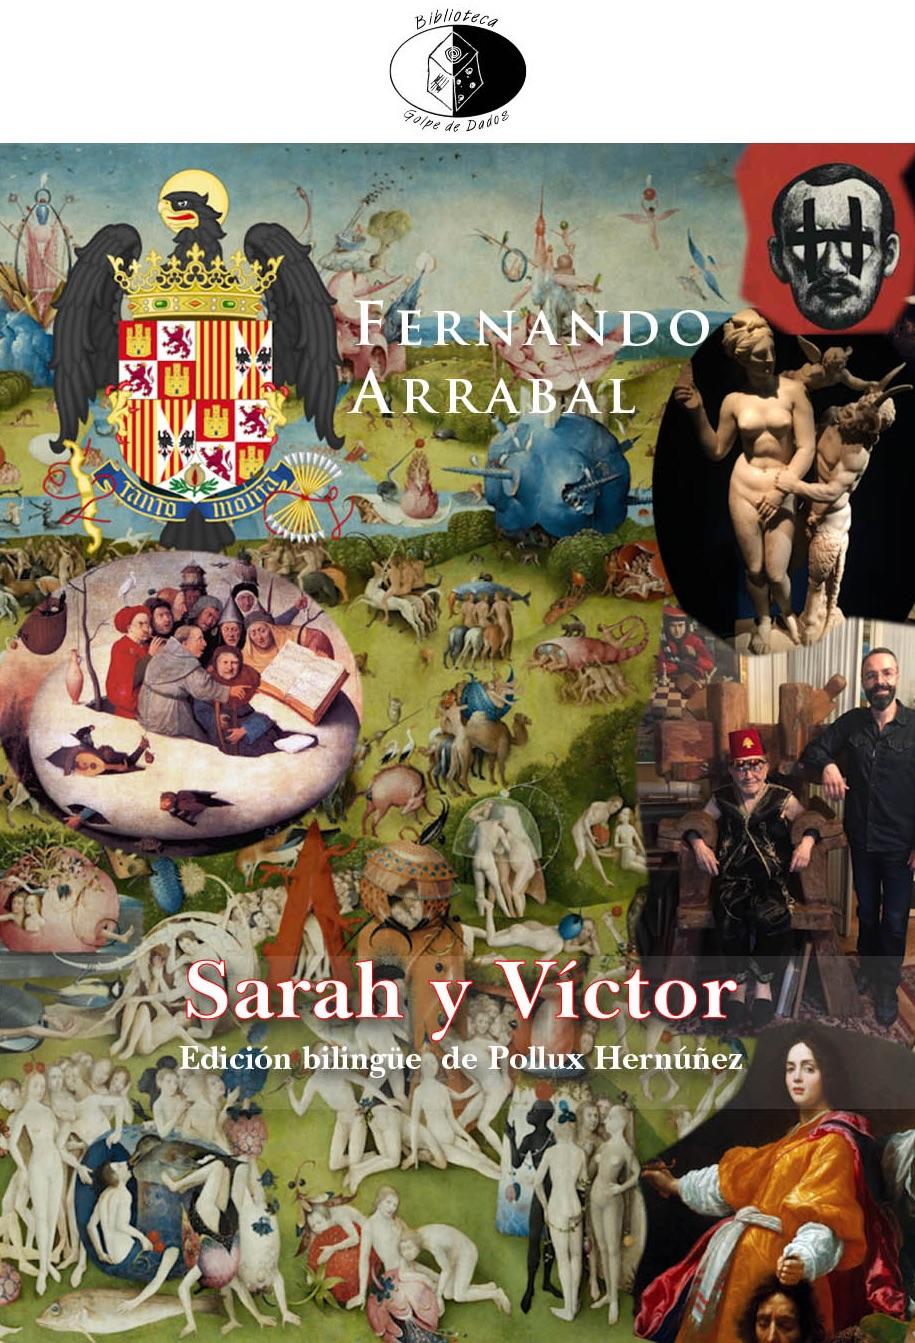 Sarah et Victor sera publié en français & en espagnol.